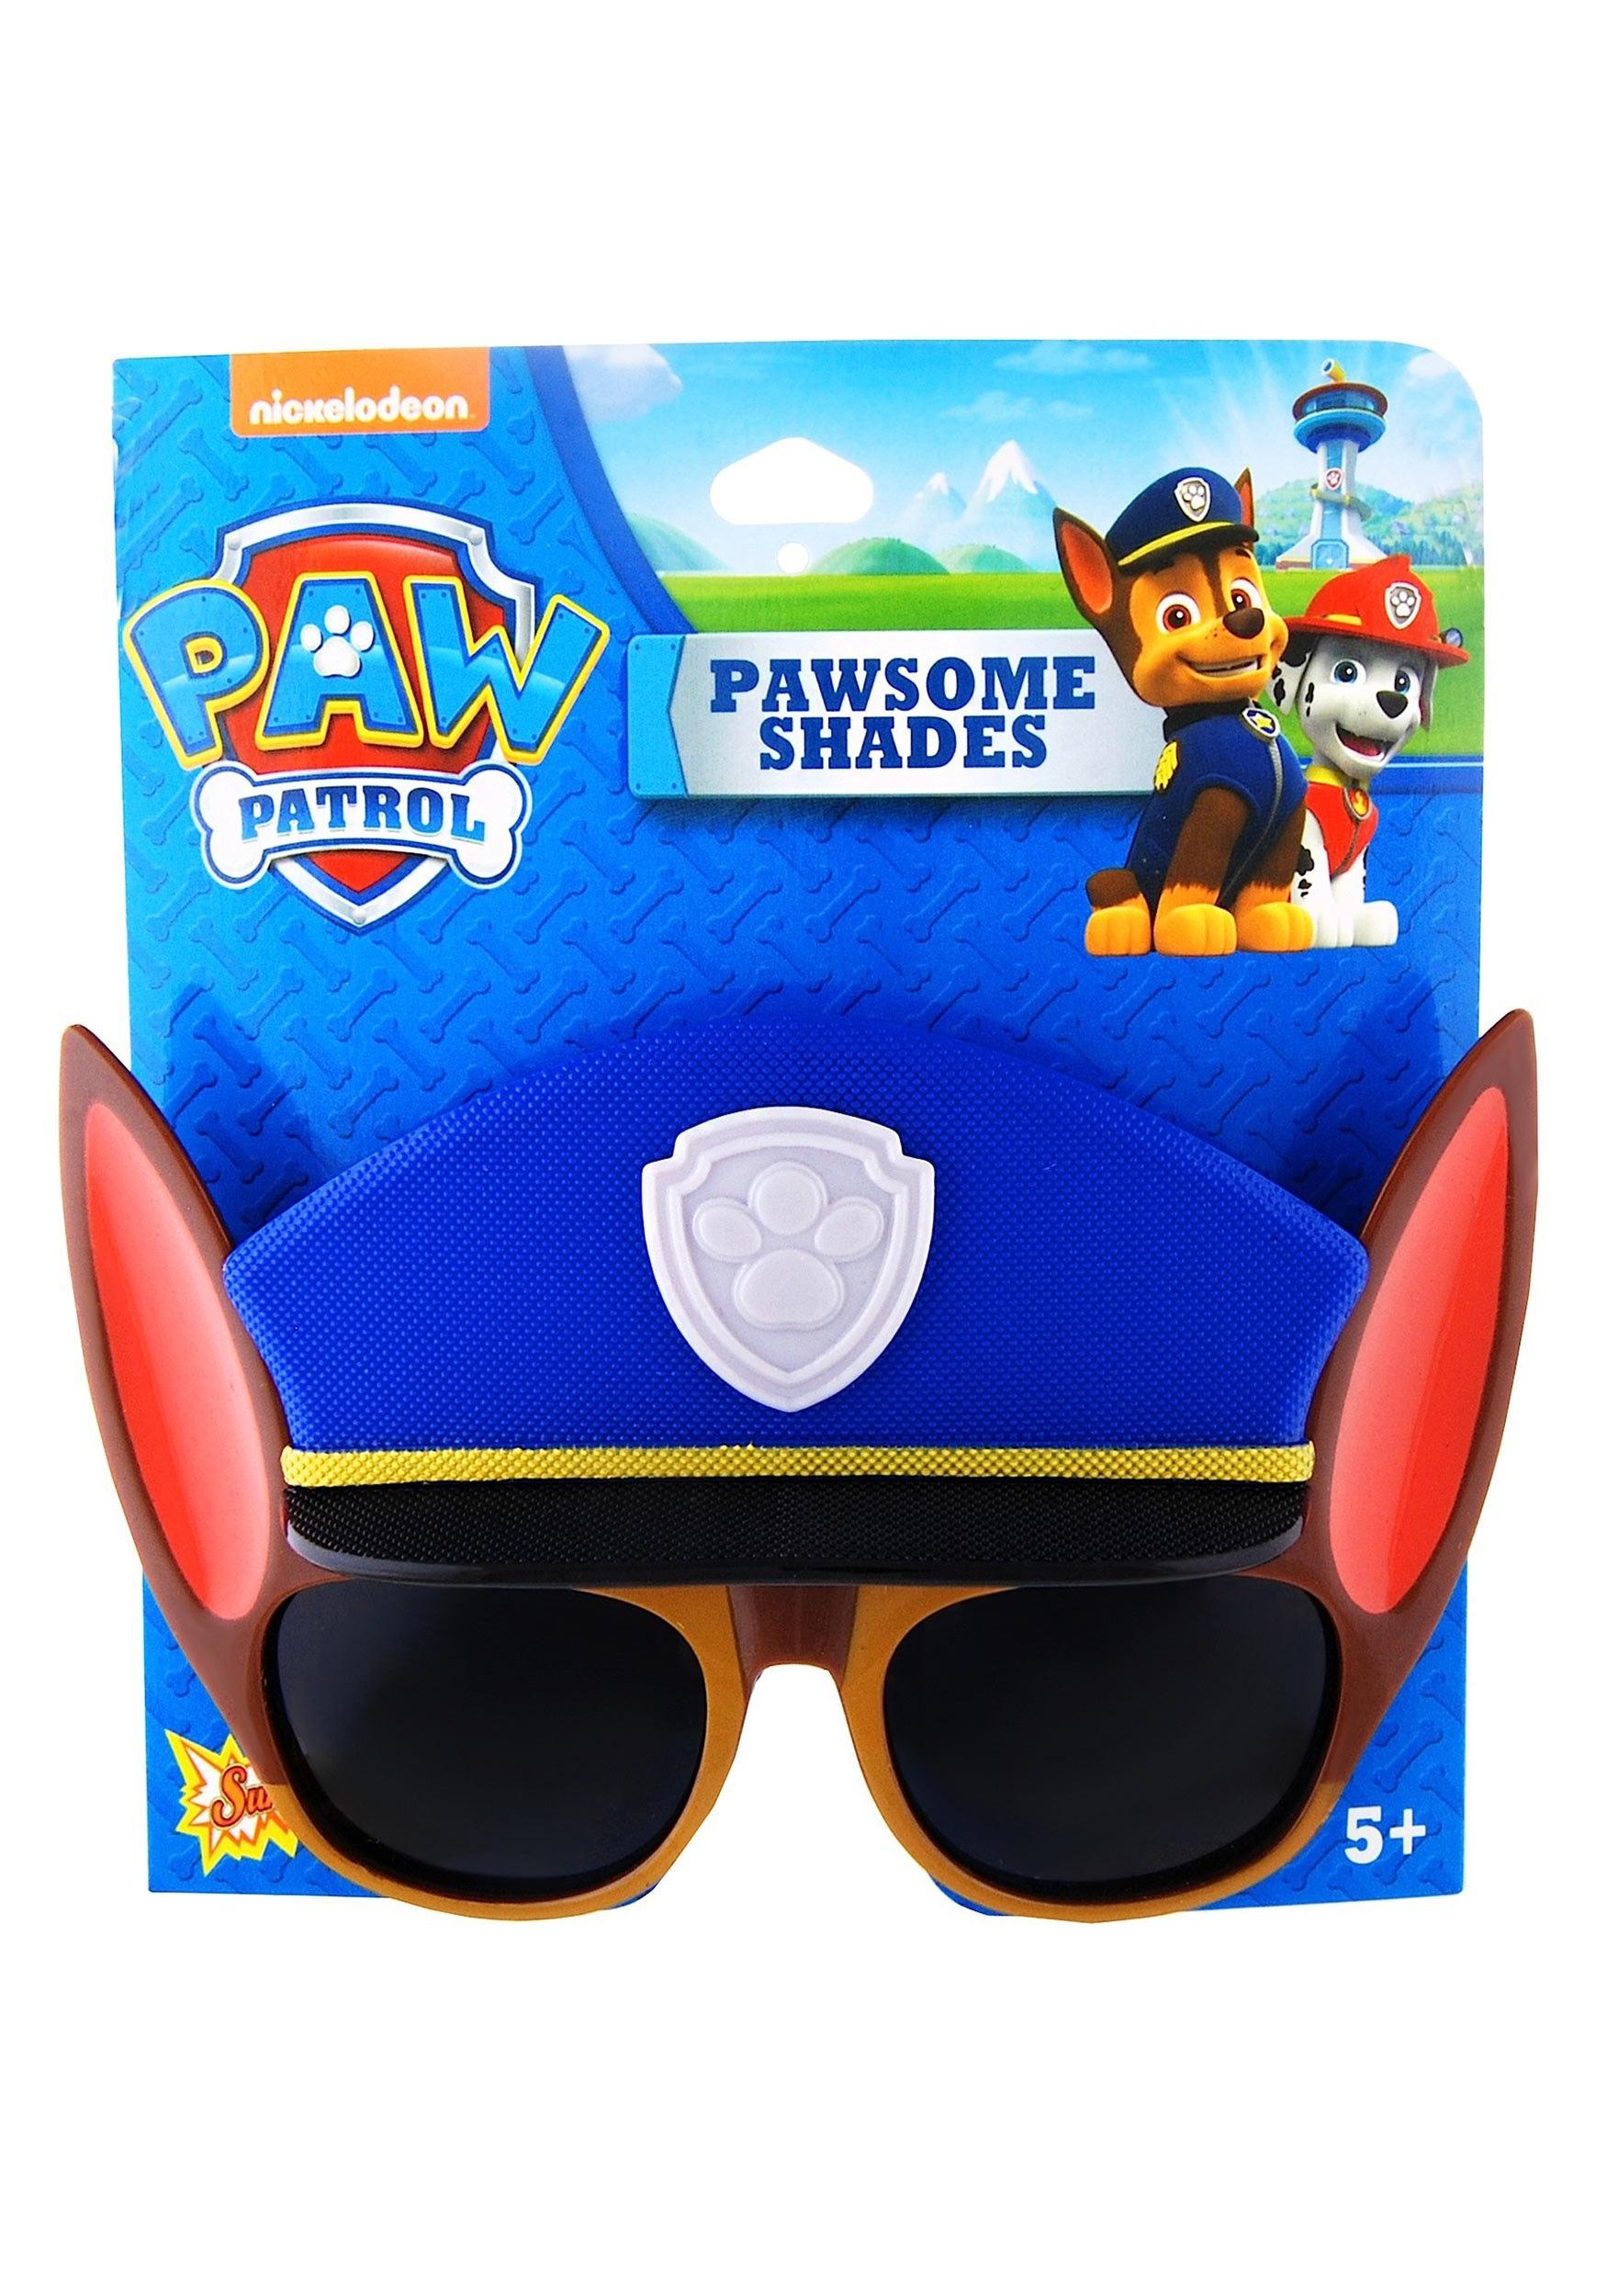 Fabulous Paw Patrol Chase Sunglasses RH61